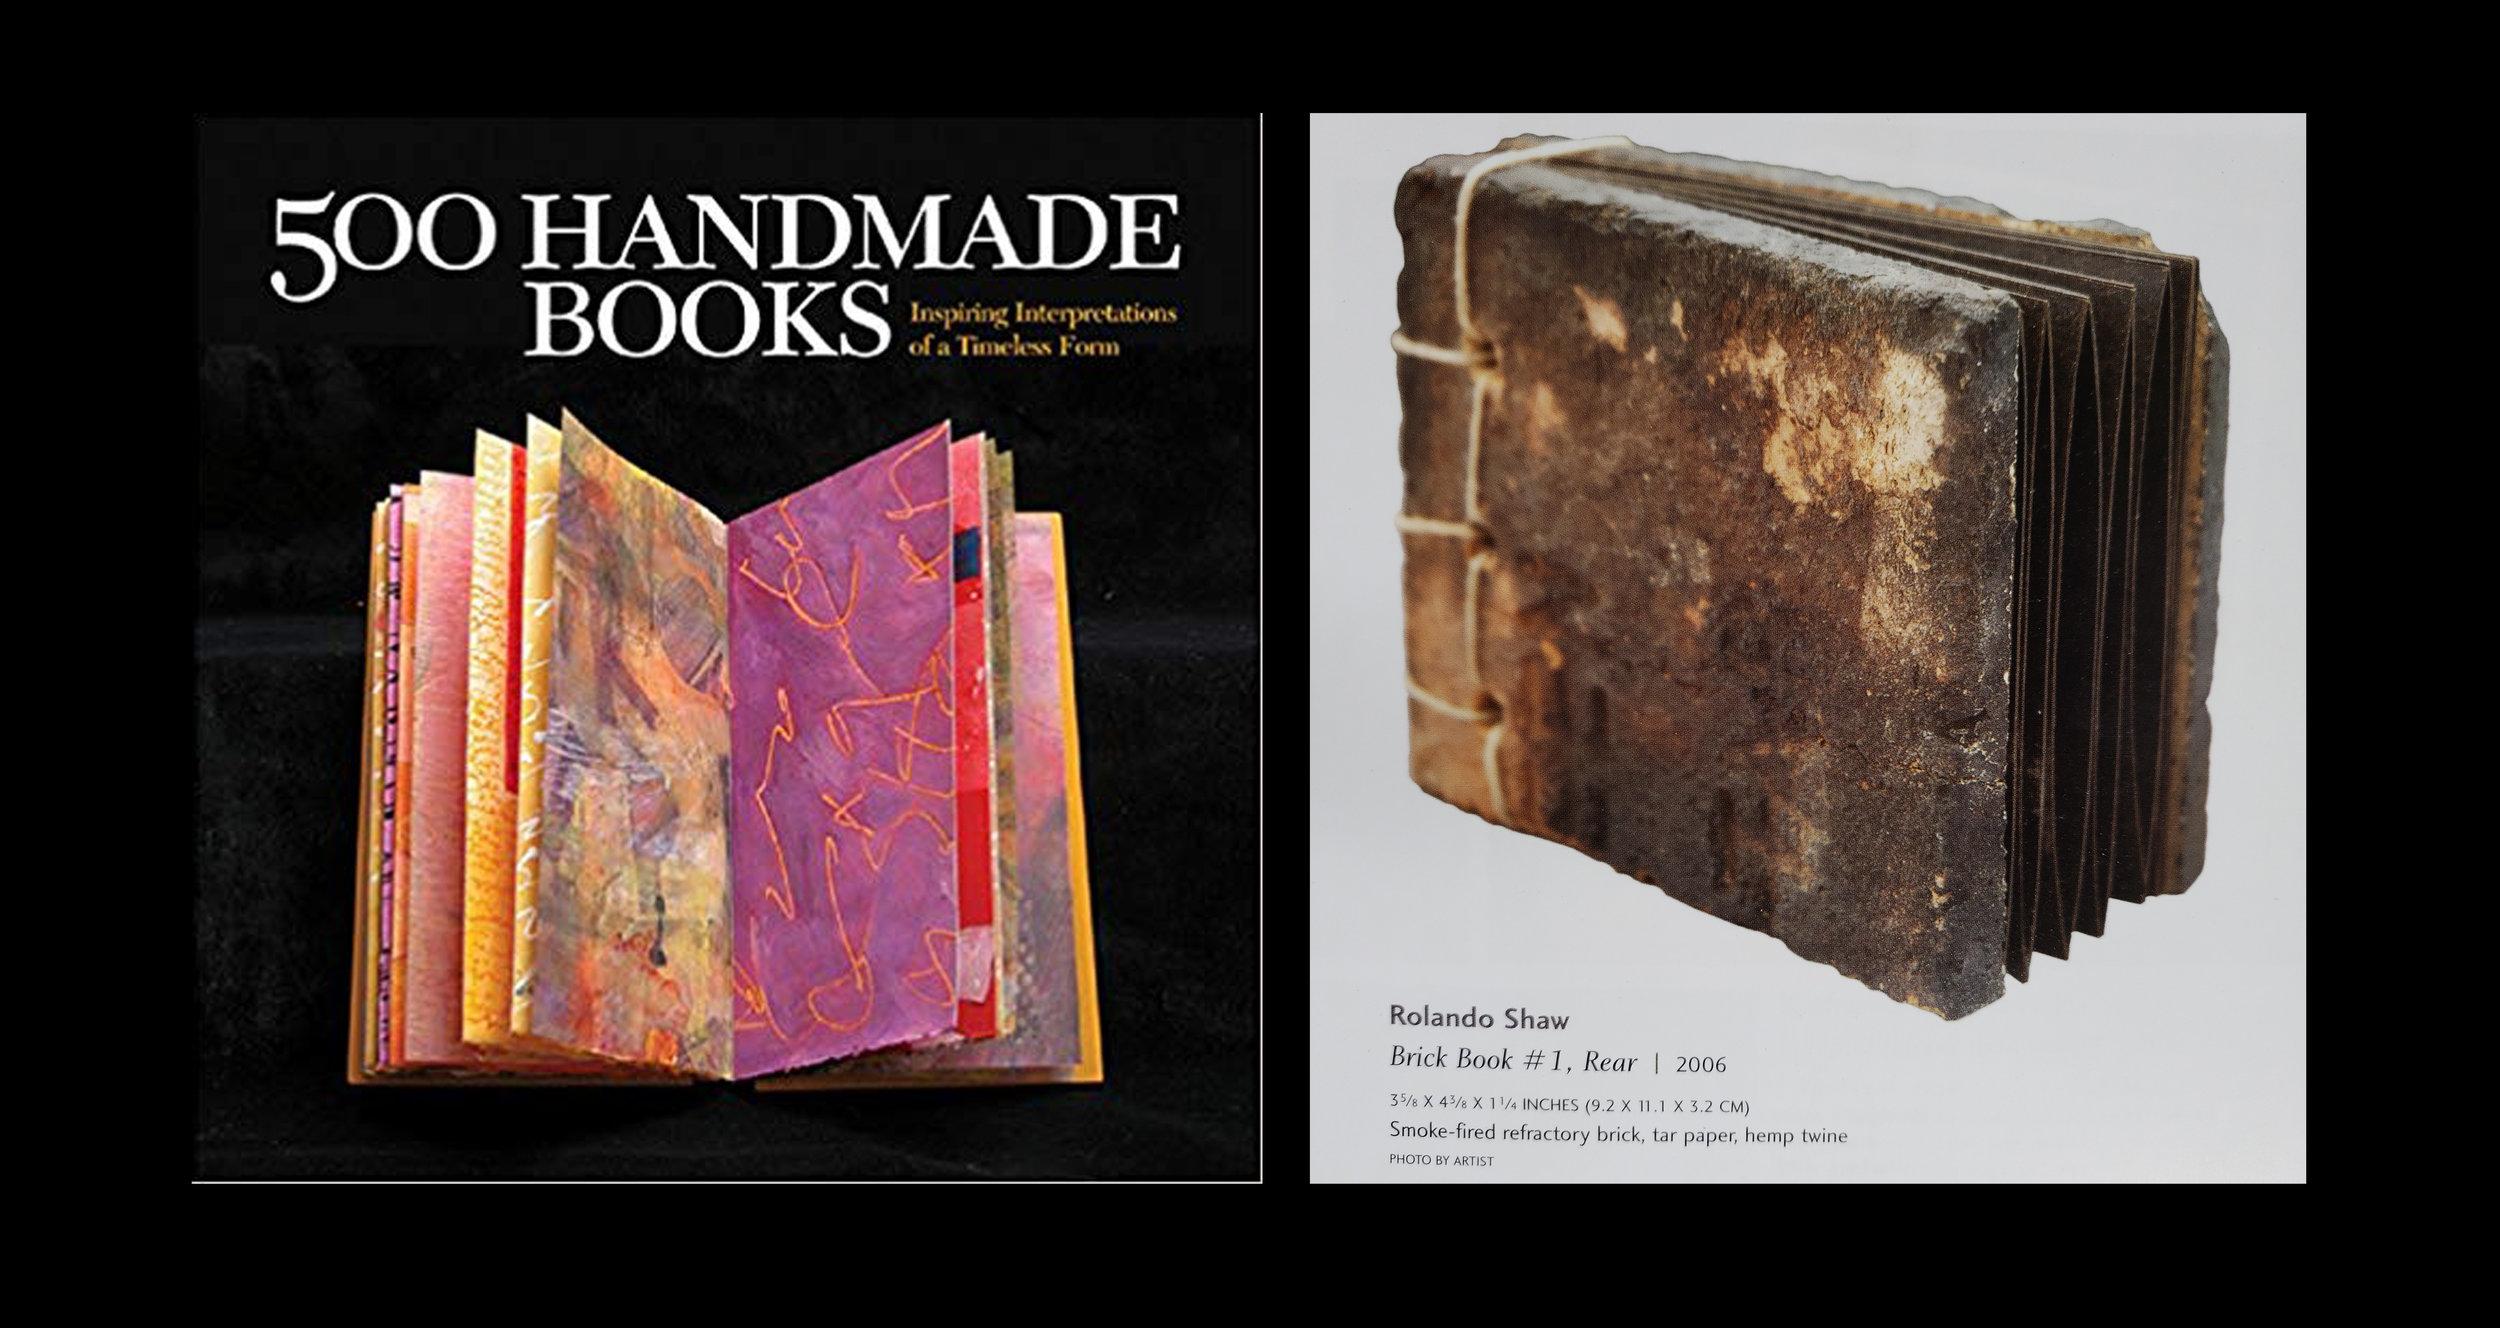 500 Handmade Books Lark Publishing